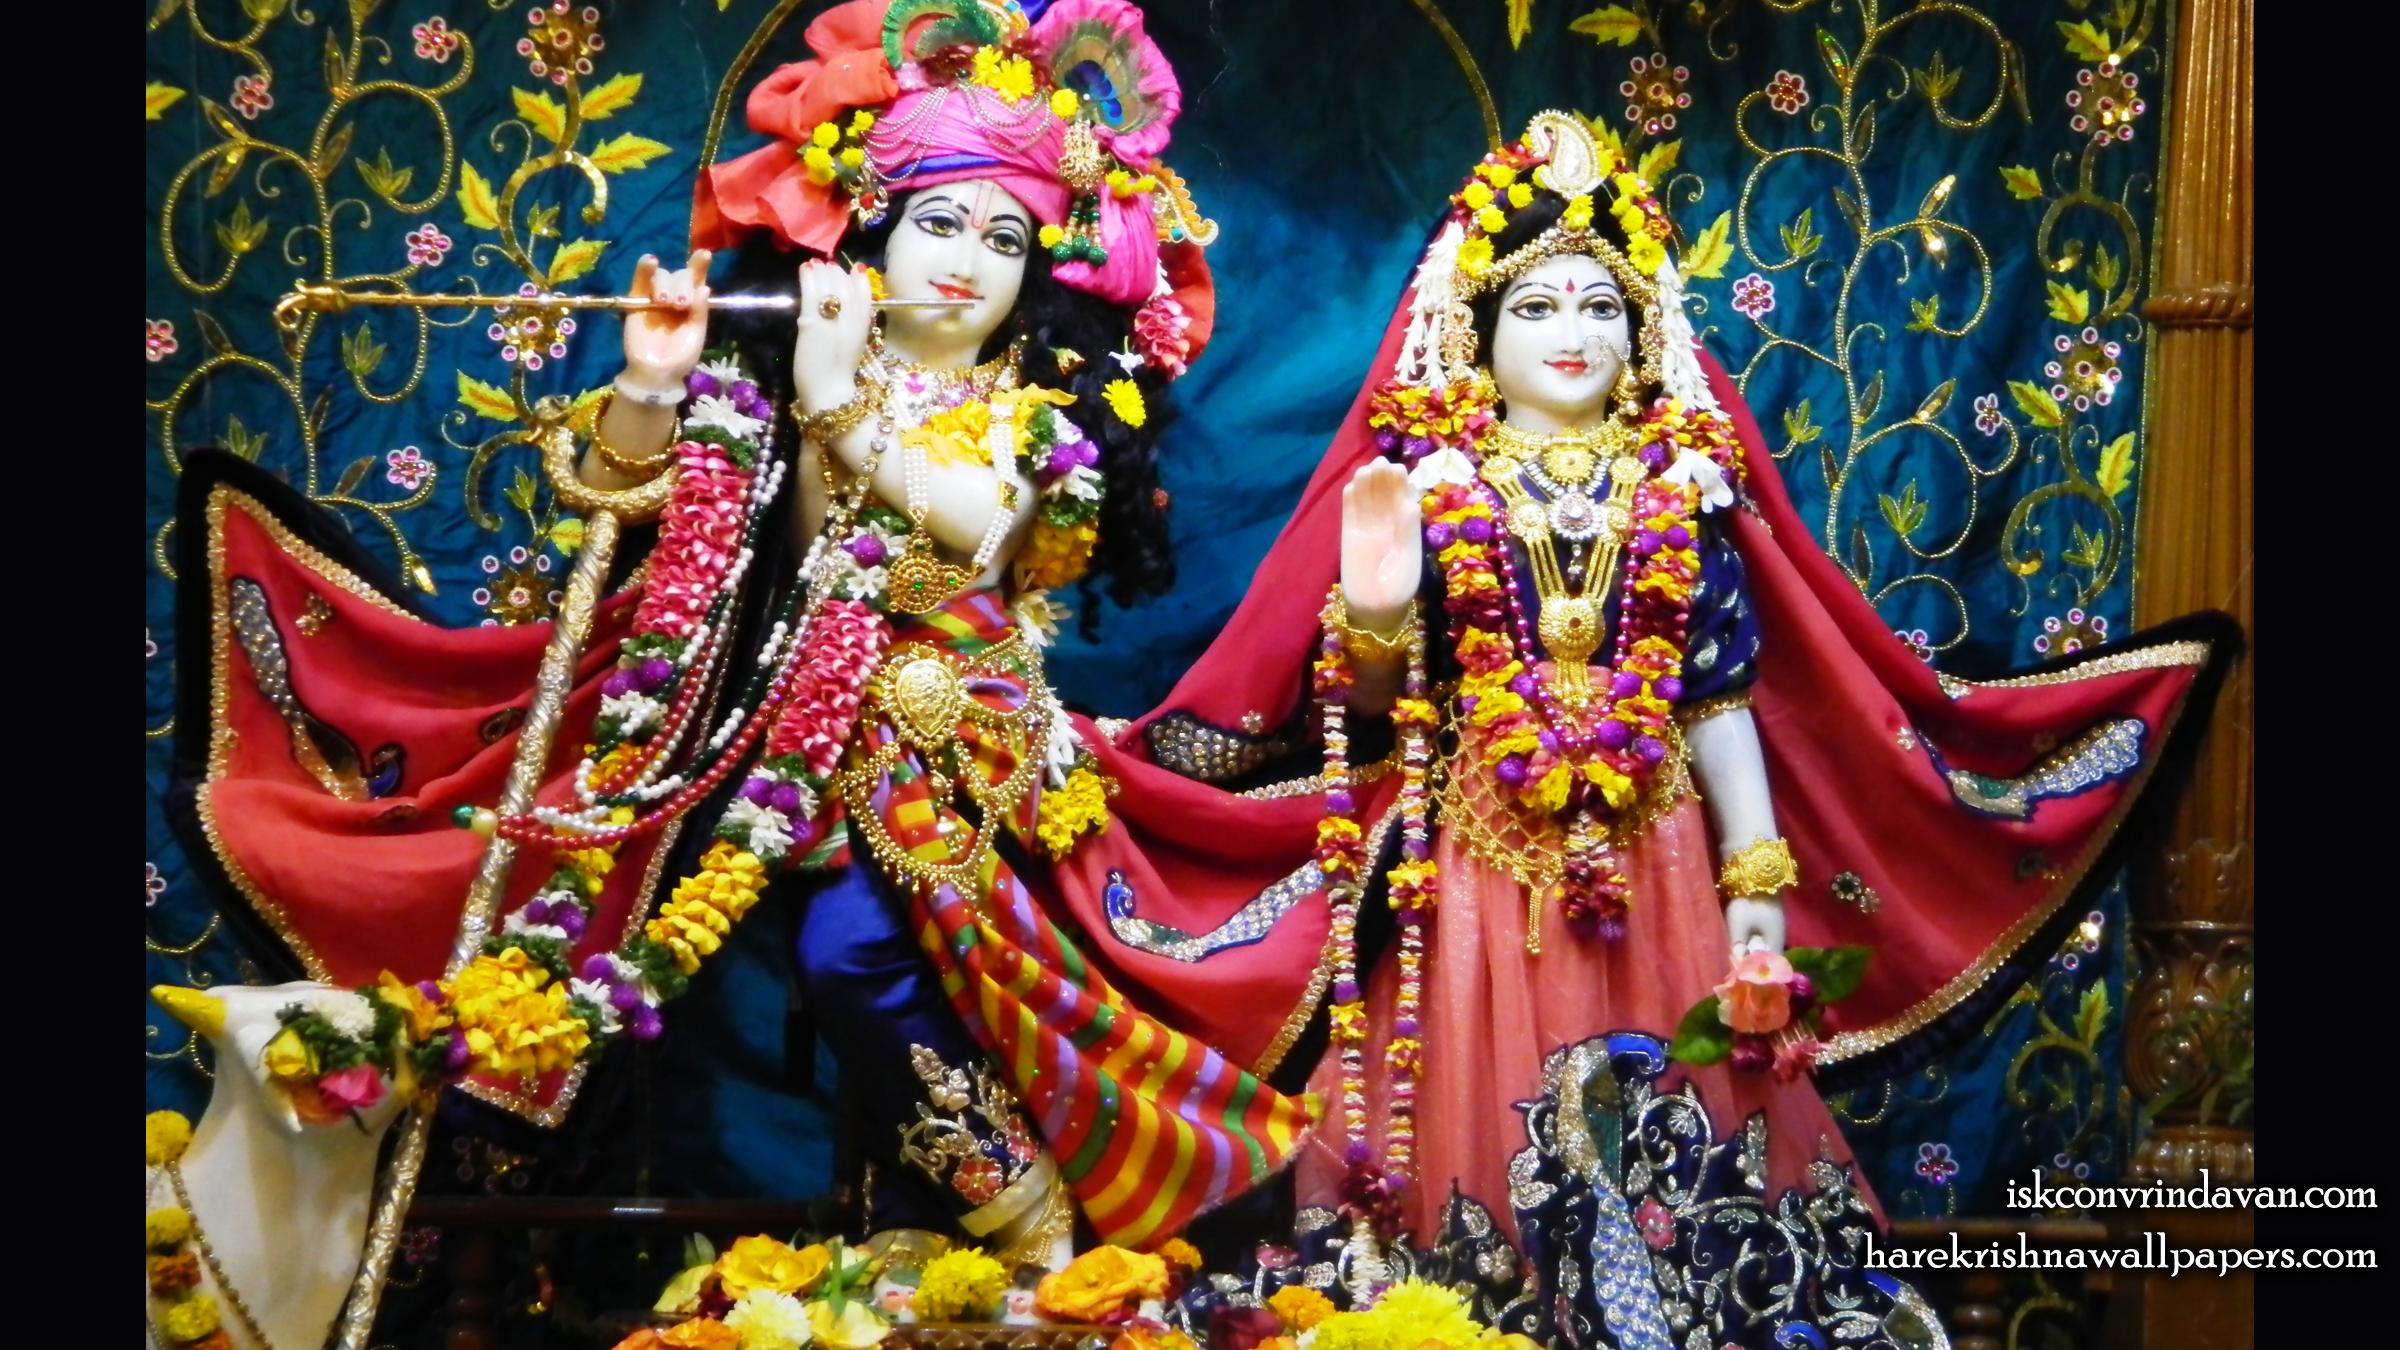 Sri Sri Radha Kunjabihari Wallpaper (014) Size 2400x1350 Download